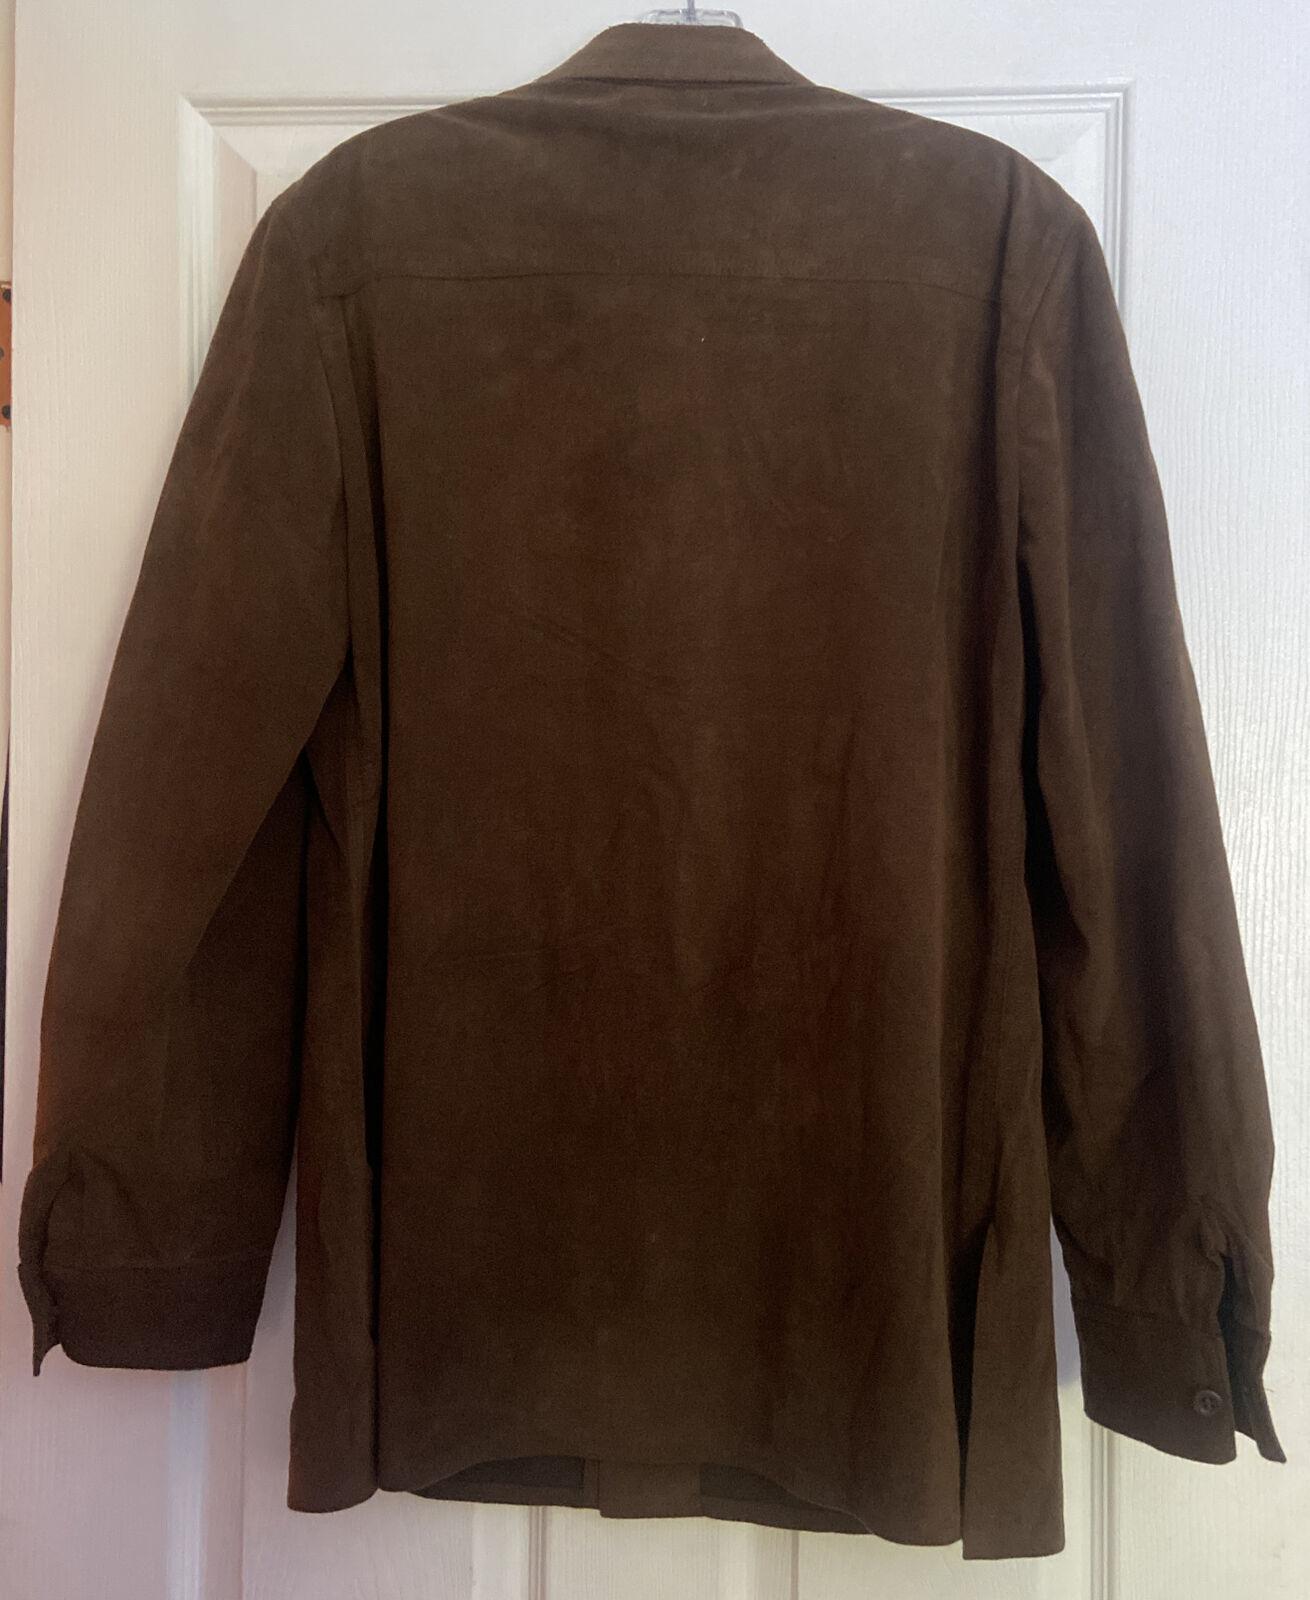 vintage Halston ultrasuede shirt jacket 40R brown… - image 4